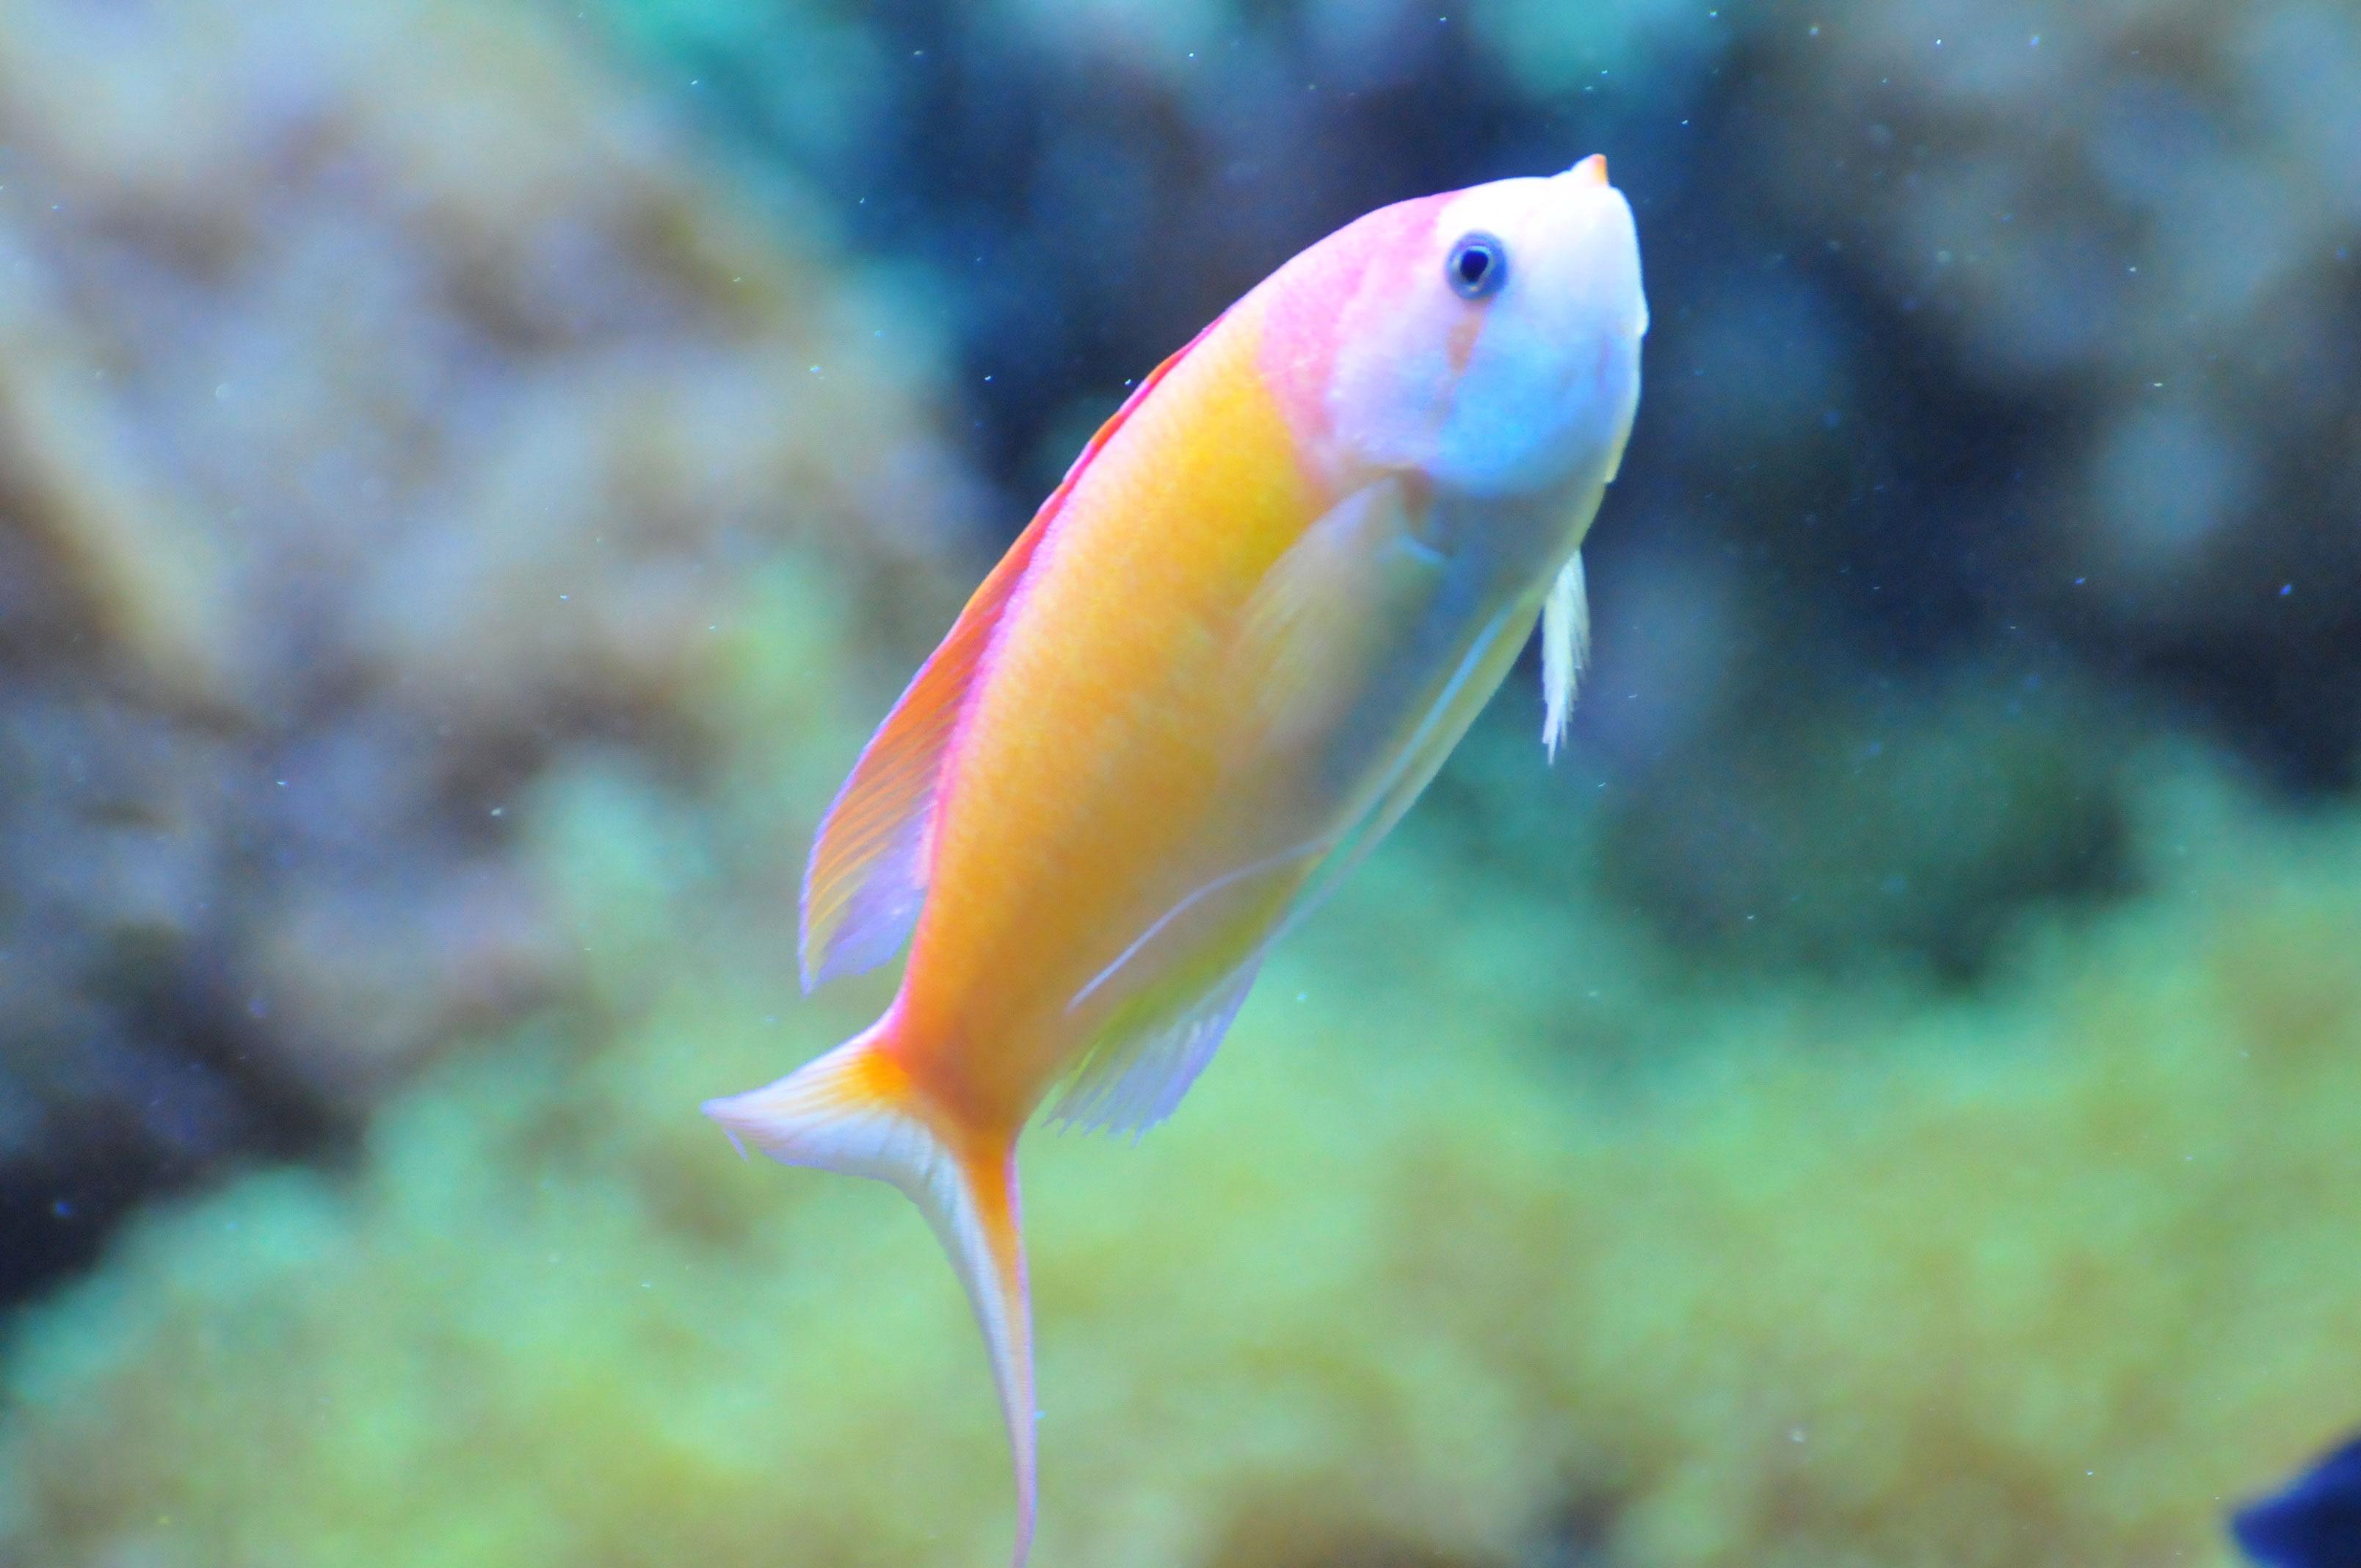 Untitled document for Fish fish fish fish fish